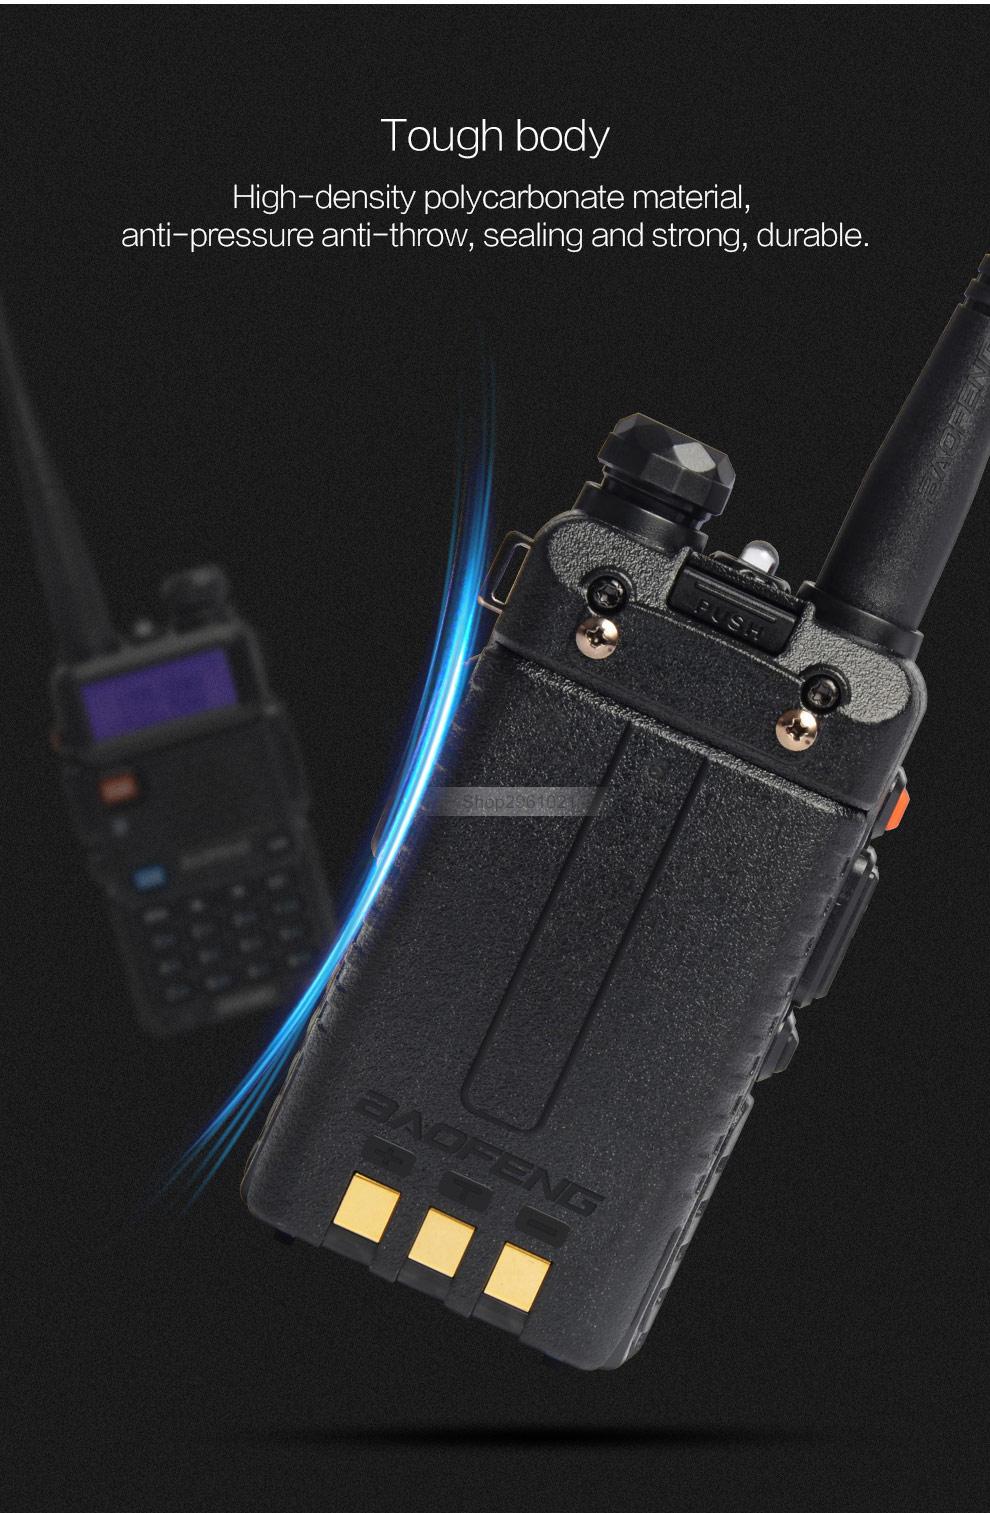 UV-5R_08